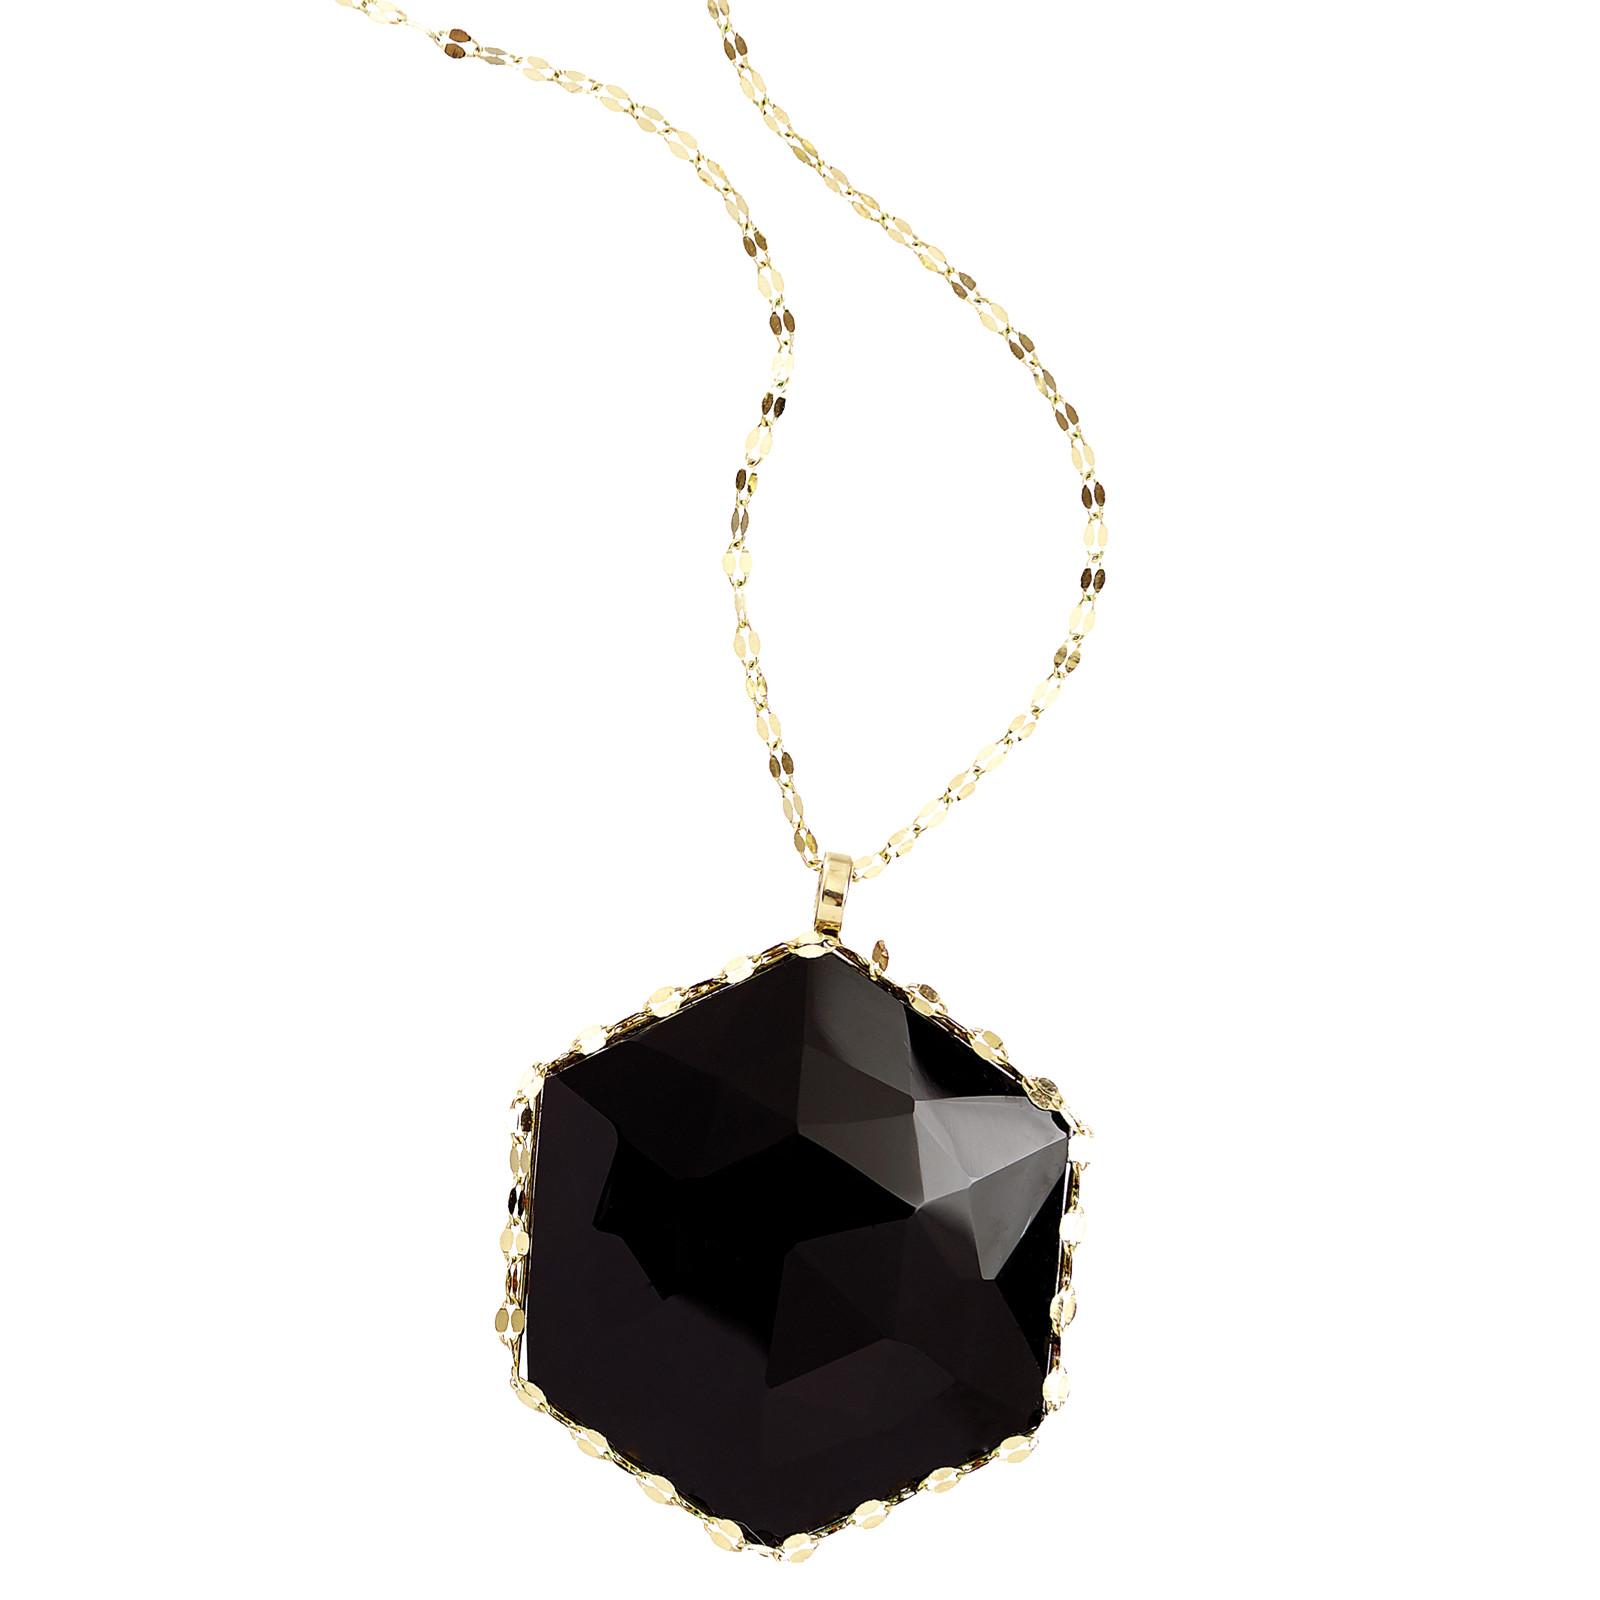 New  Lana Jewelry Black Onyx Noir Dusk Pendant